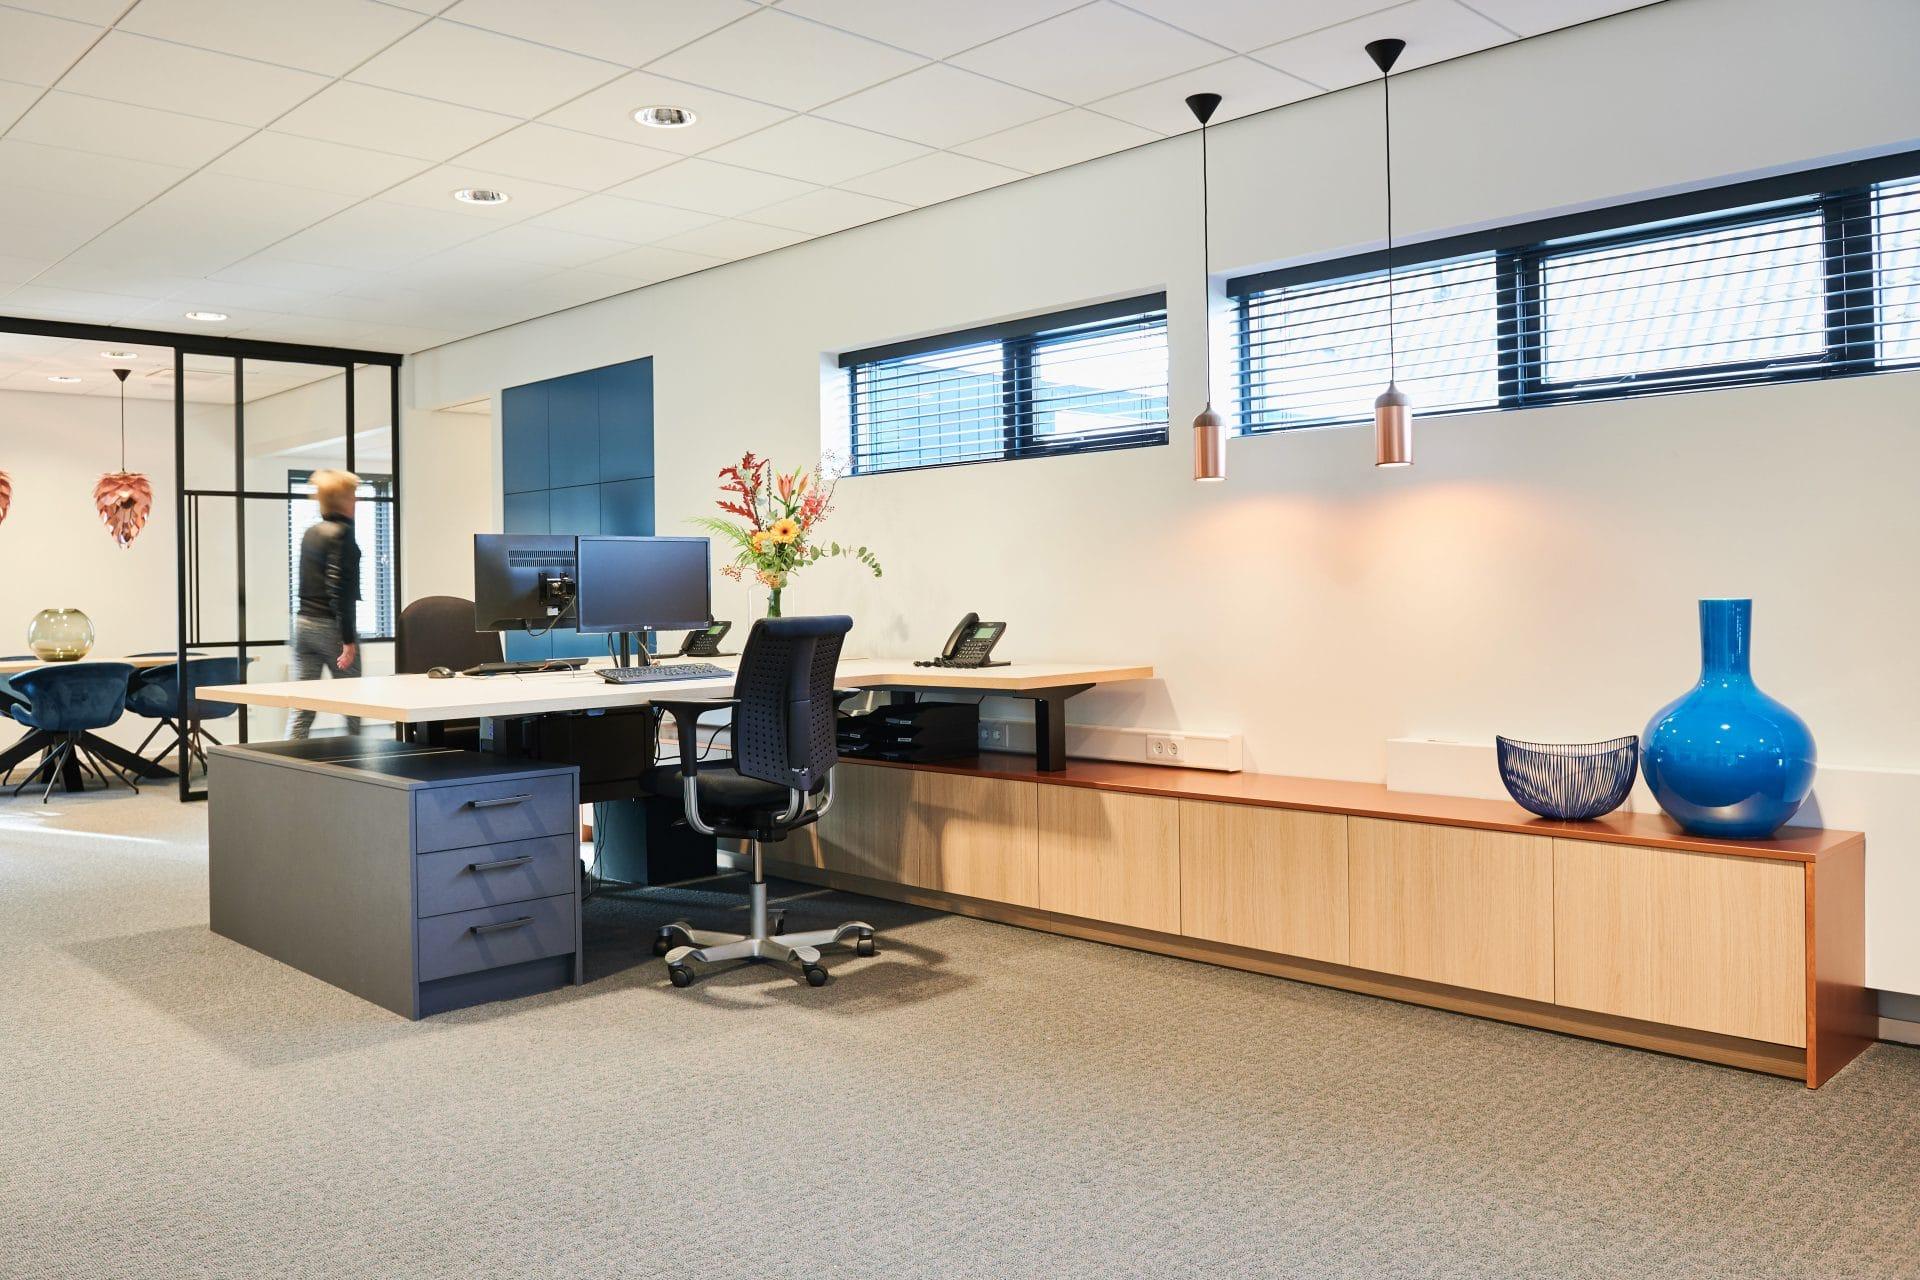 interieurontwerp resultaat kantoor installatiebedrijf